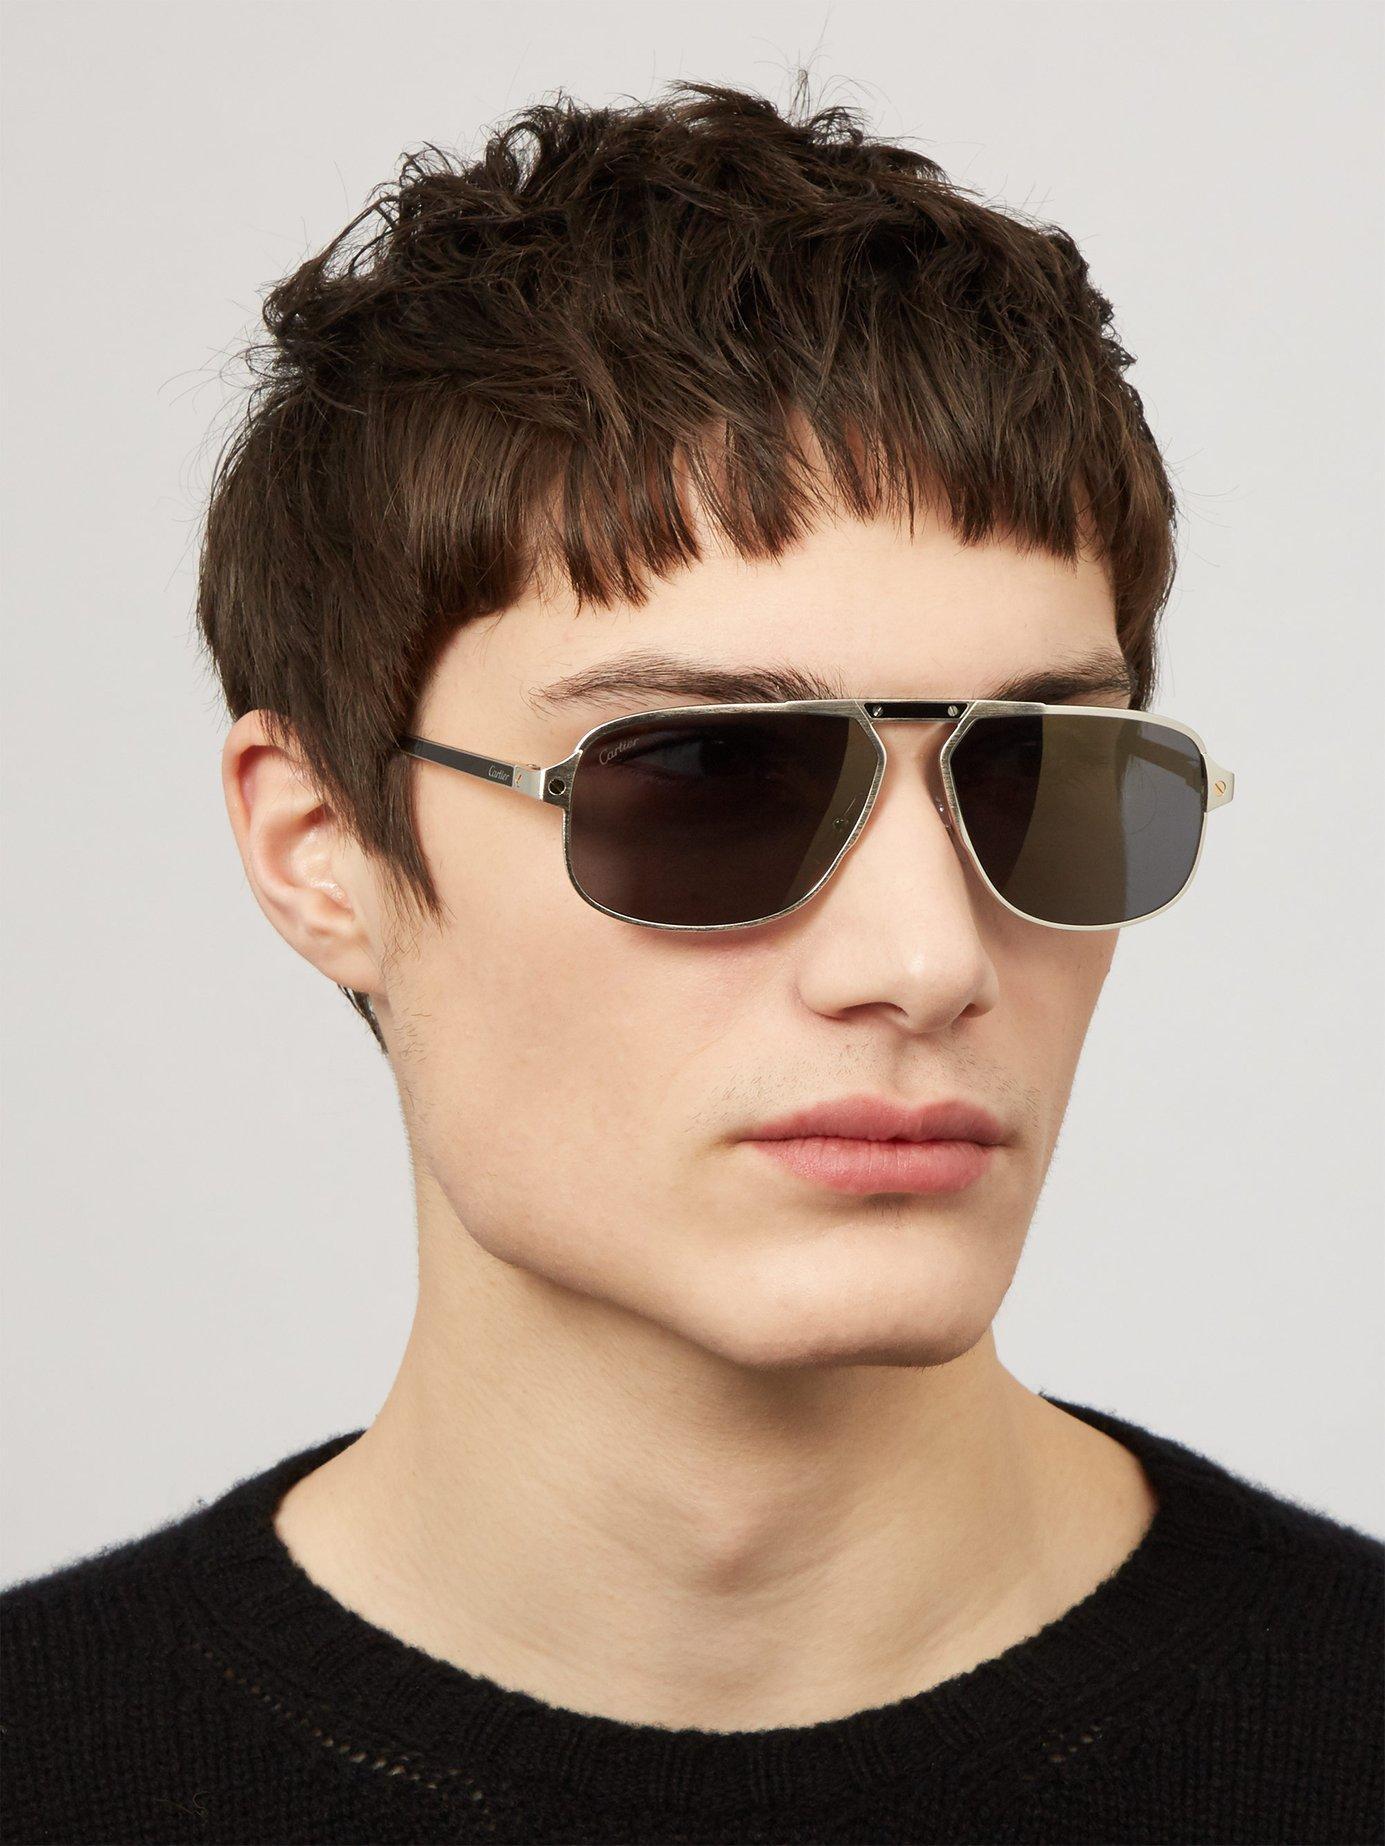 da99a3d1c8 Cartier - Metallic Santos De Cartier Aviator Sunglasses for Men - Lyst.  View fullscreen